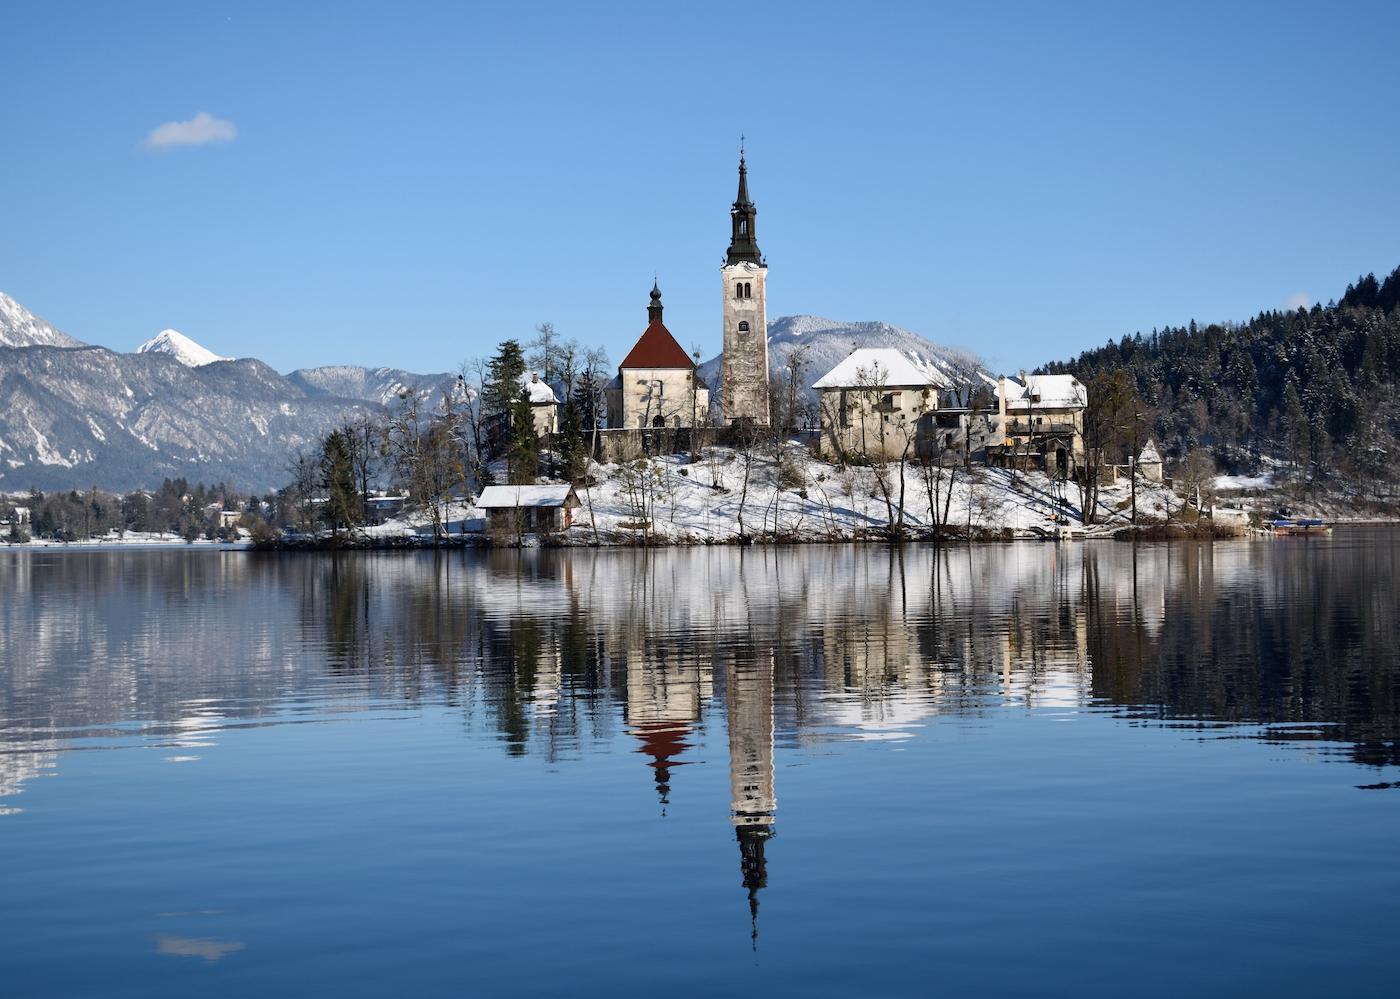 Bled-slovenia-shutterstock.jpg